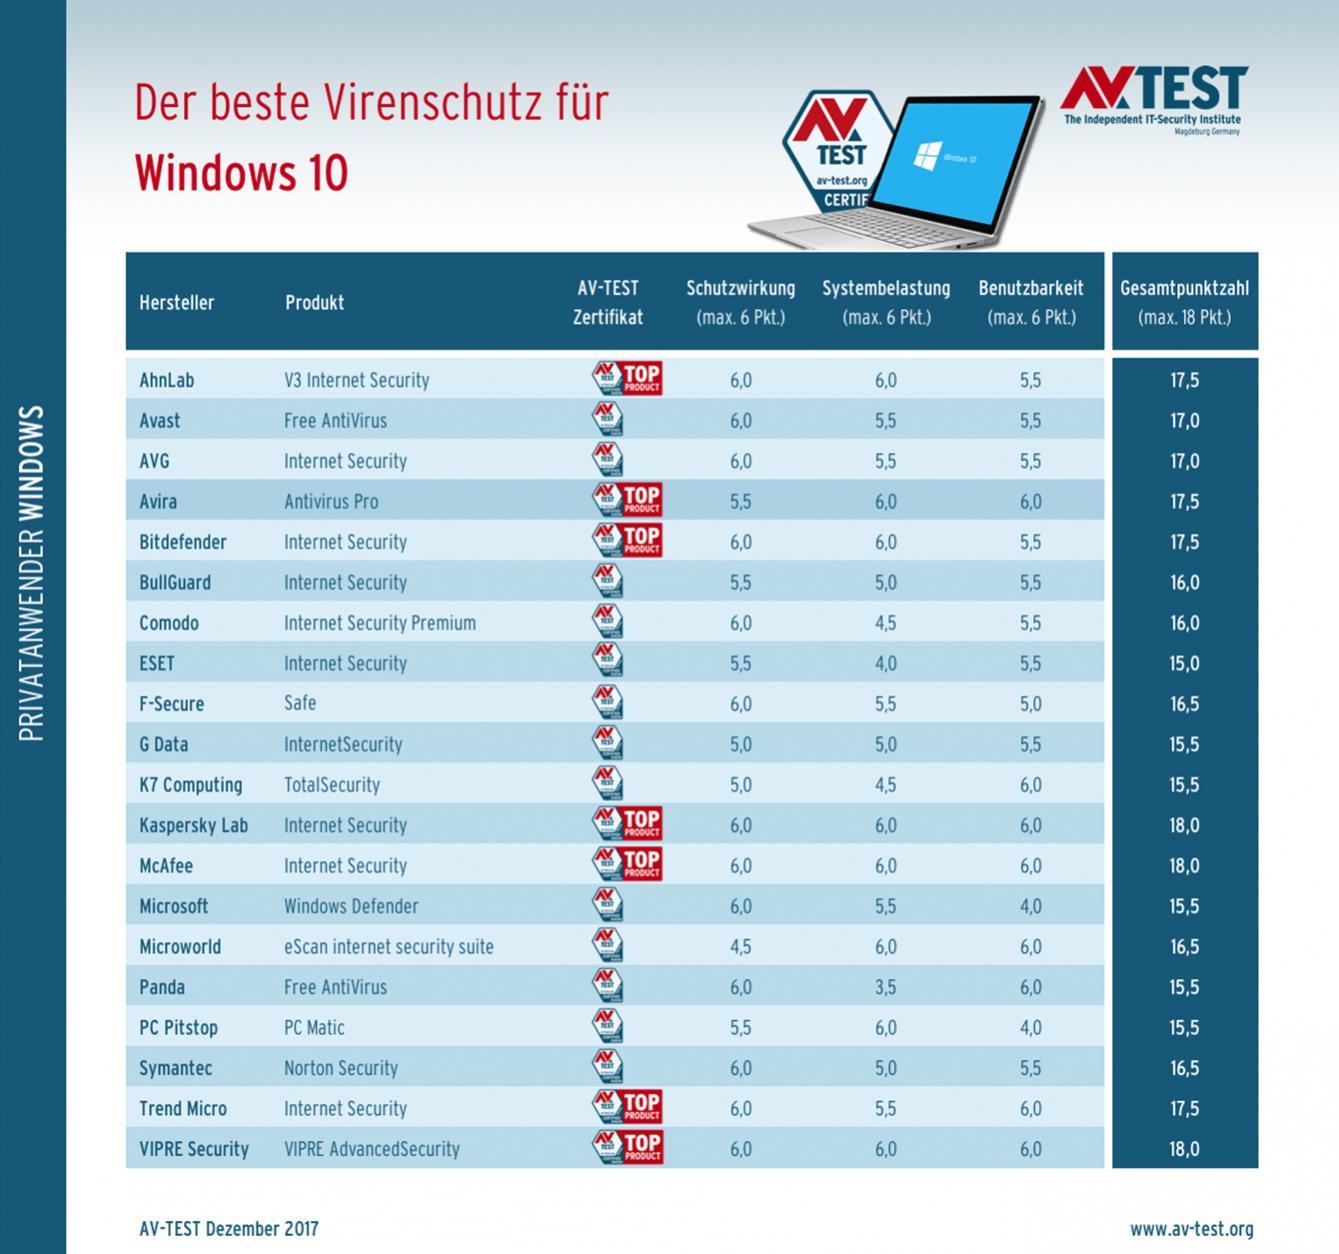 Antivirus-Windows-10-AV-Test-01-2018-Gesamt-2.jpg